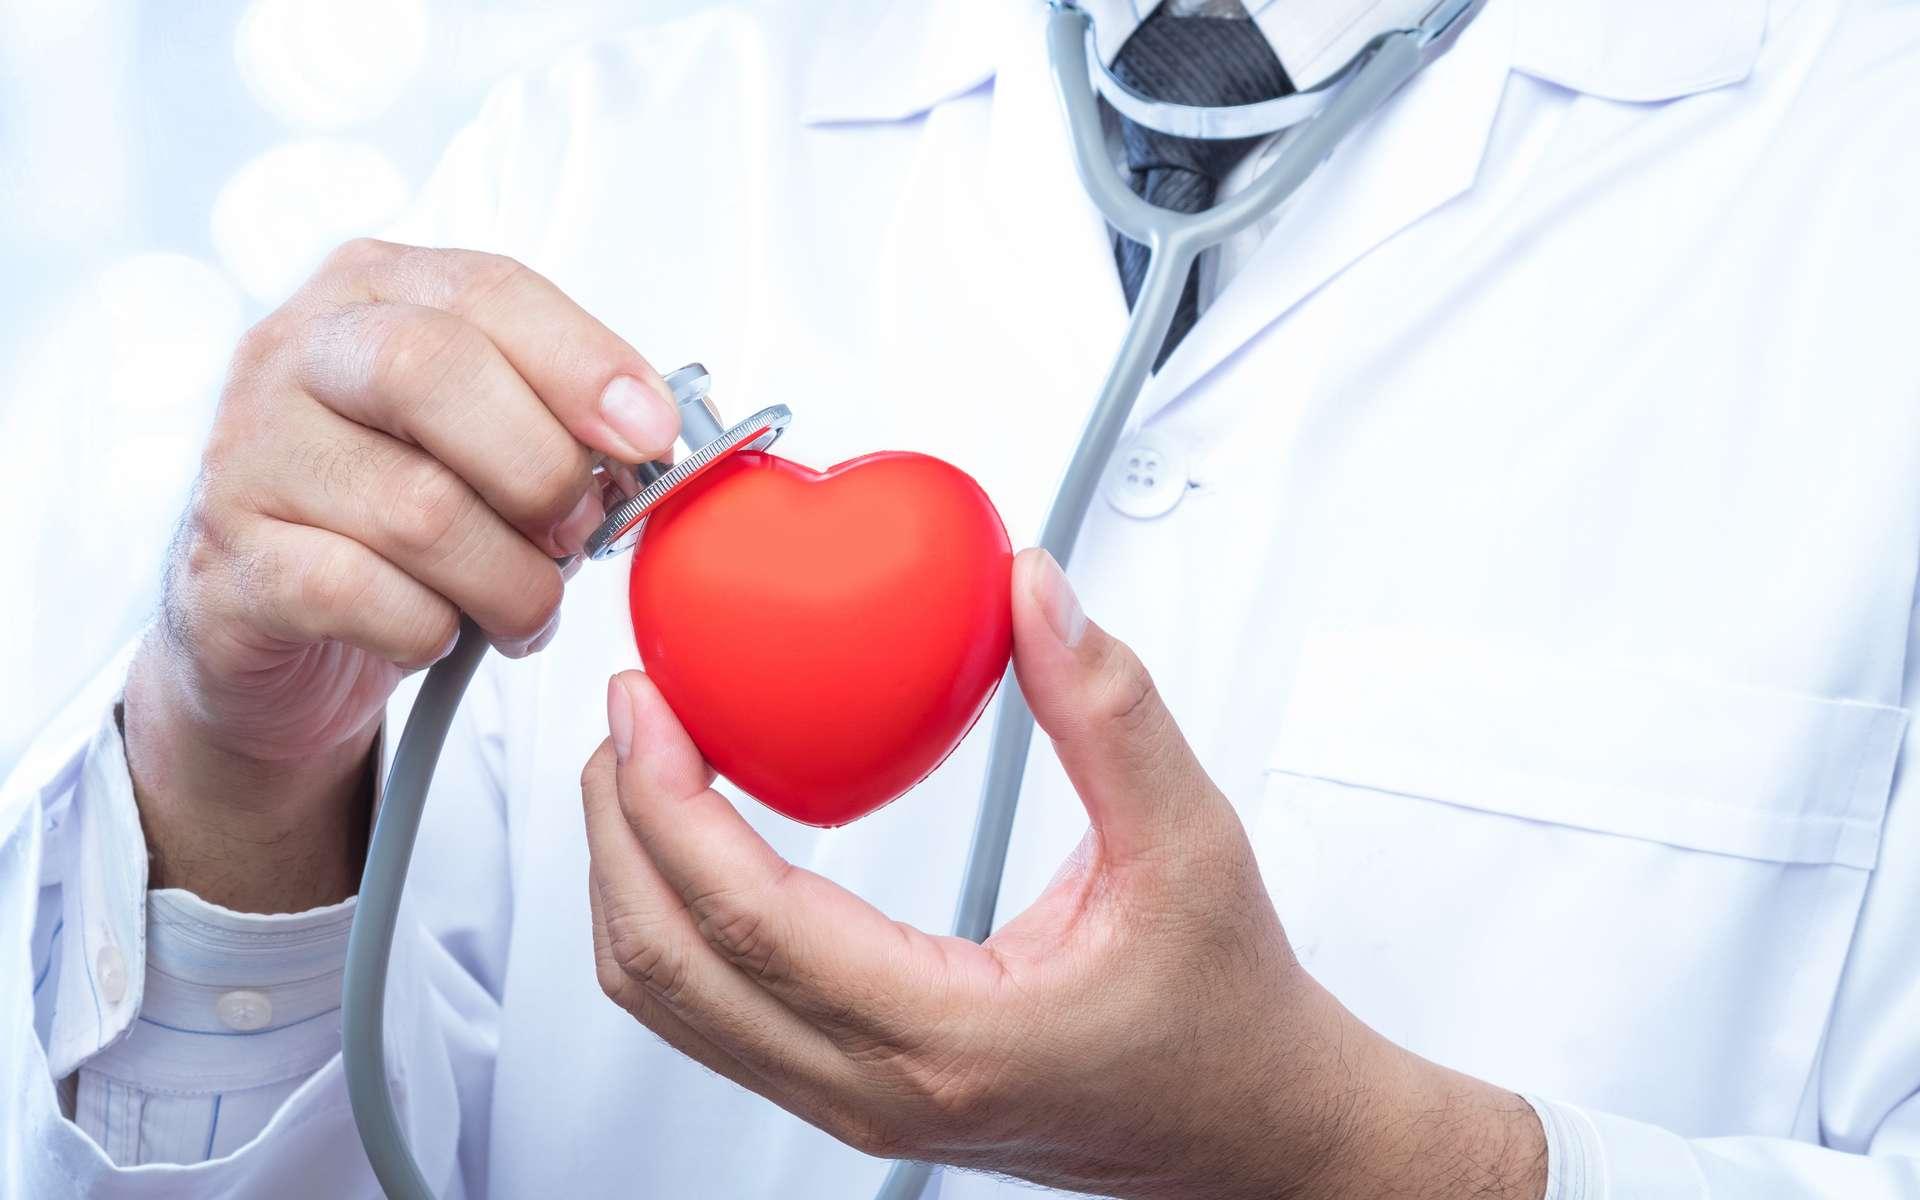 Médecin spécialisé dans la maladies cardiovasculaires, le cardiologue sait repérer les anomalies et proposer les soins adaptés aux personnes souffrants de maladies cardiaques. © suthisak, Adobe Stock